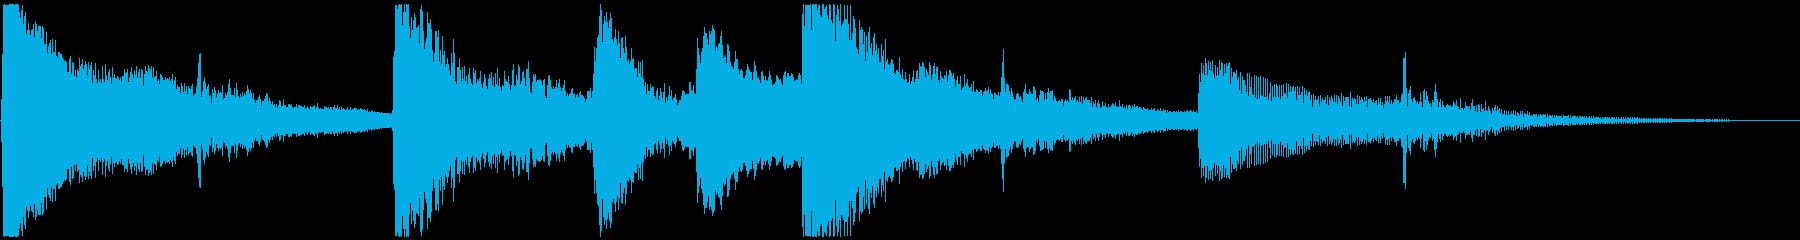 ゆったり ピアノ&サウンドエフェクトの再生済みの波形